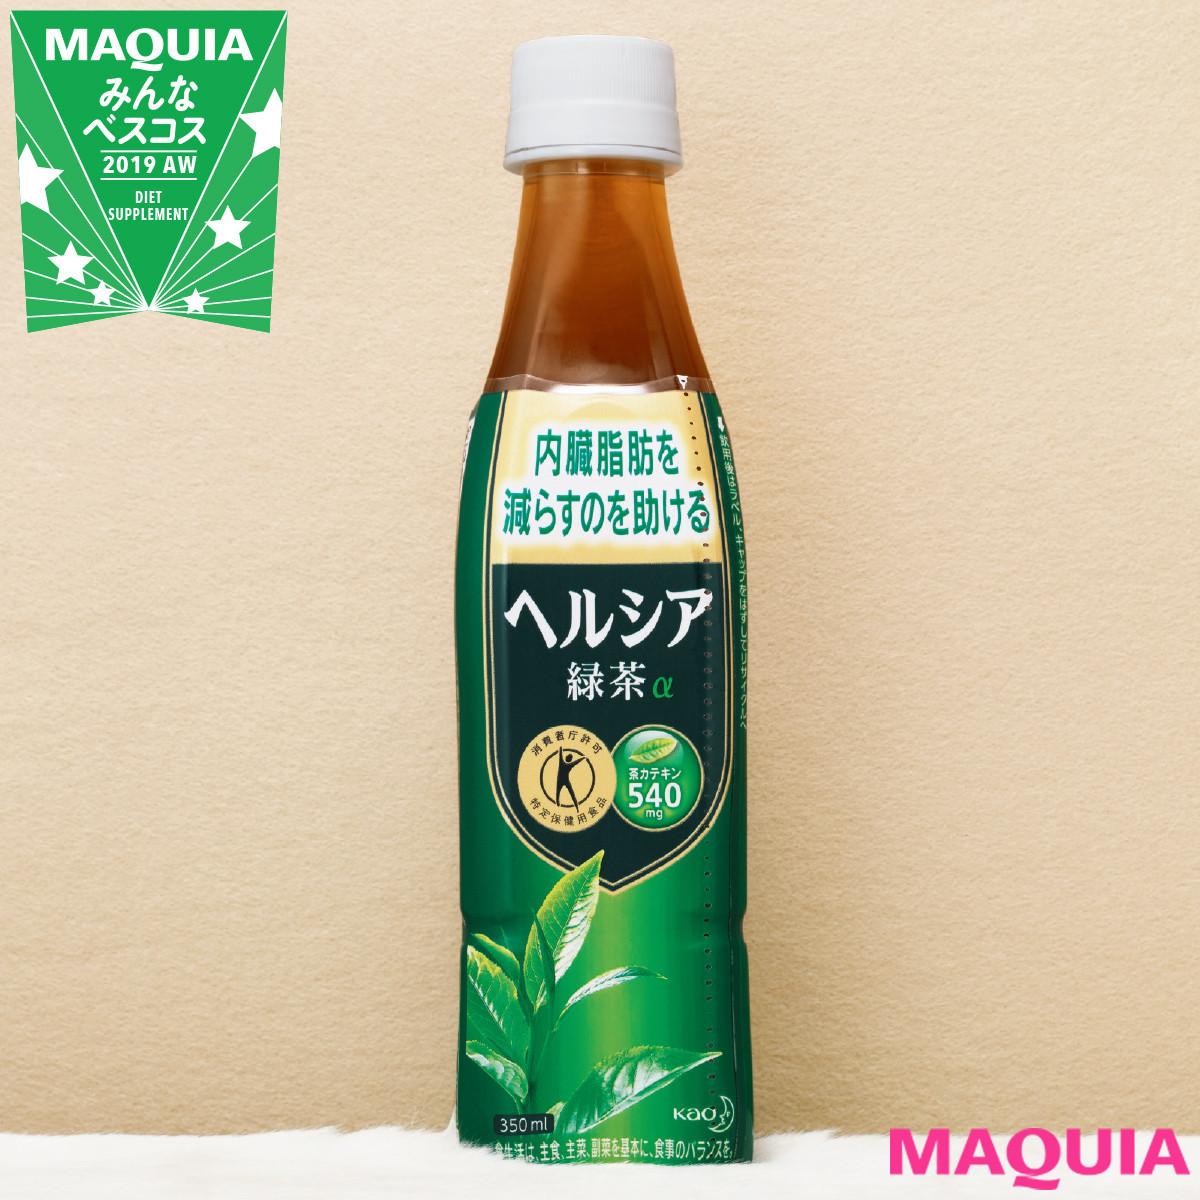 【みんなのベストコスメ2019下半期・トータルケア部門】ヘルシア緑茶_